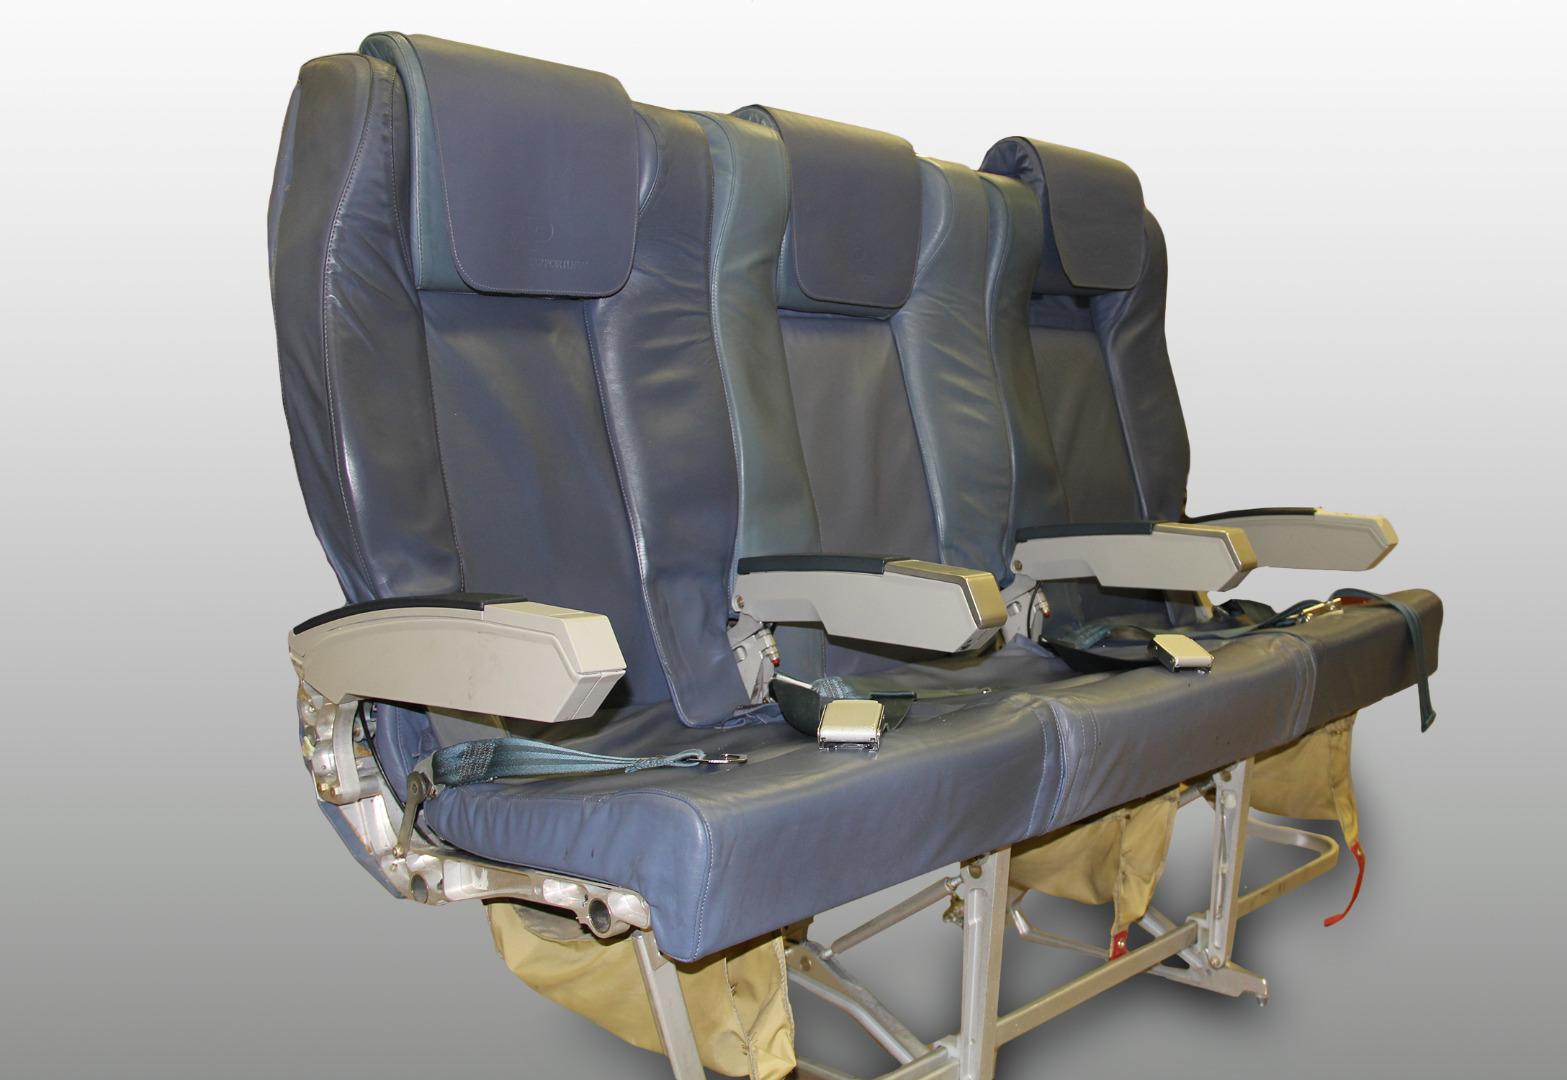 Cadeira tripla de executiva do avião A319 TTK da TAP - 2